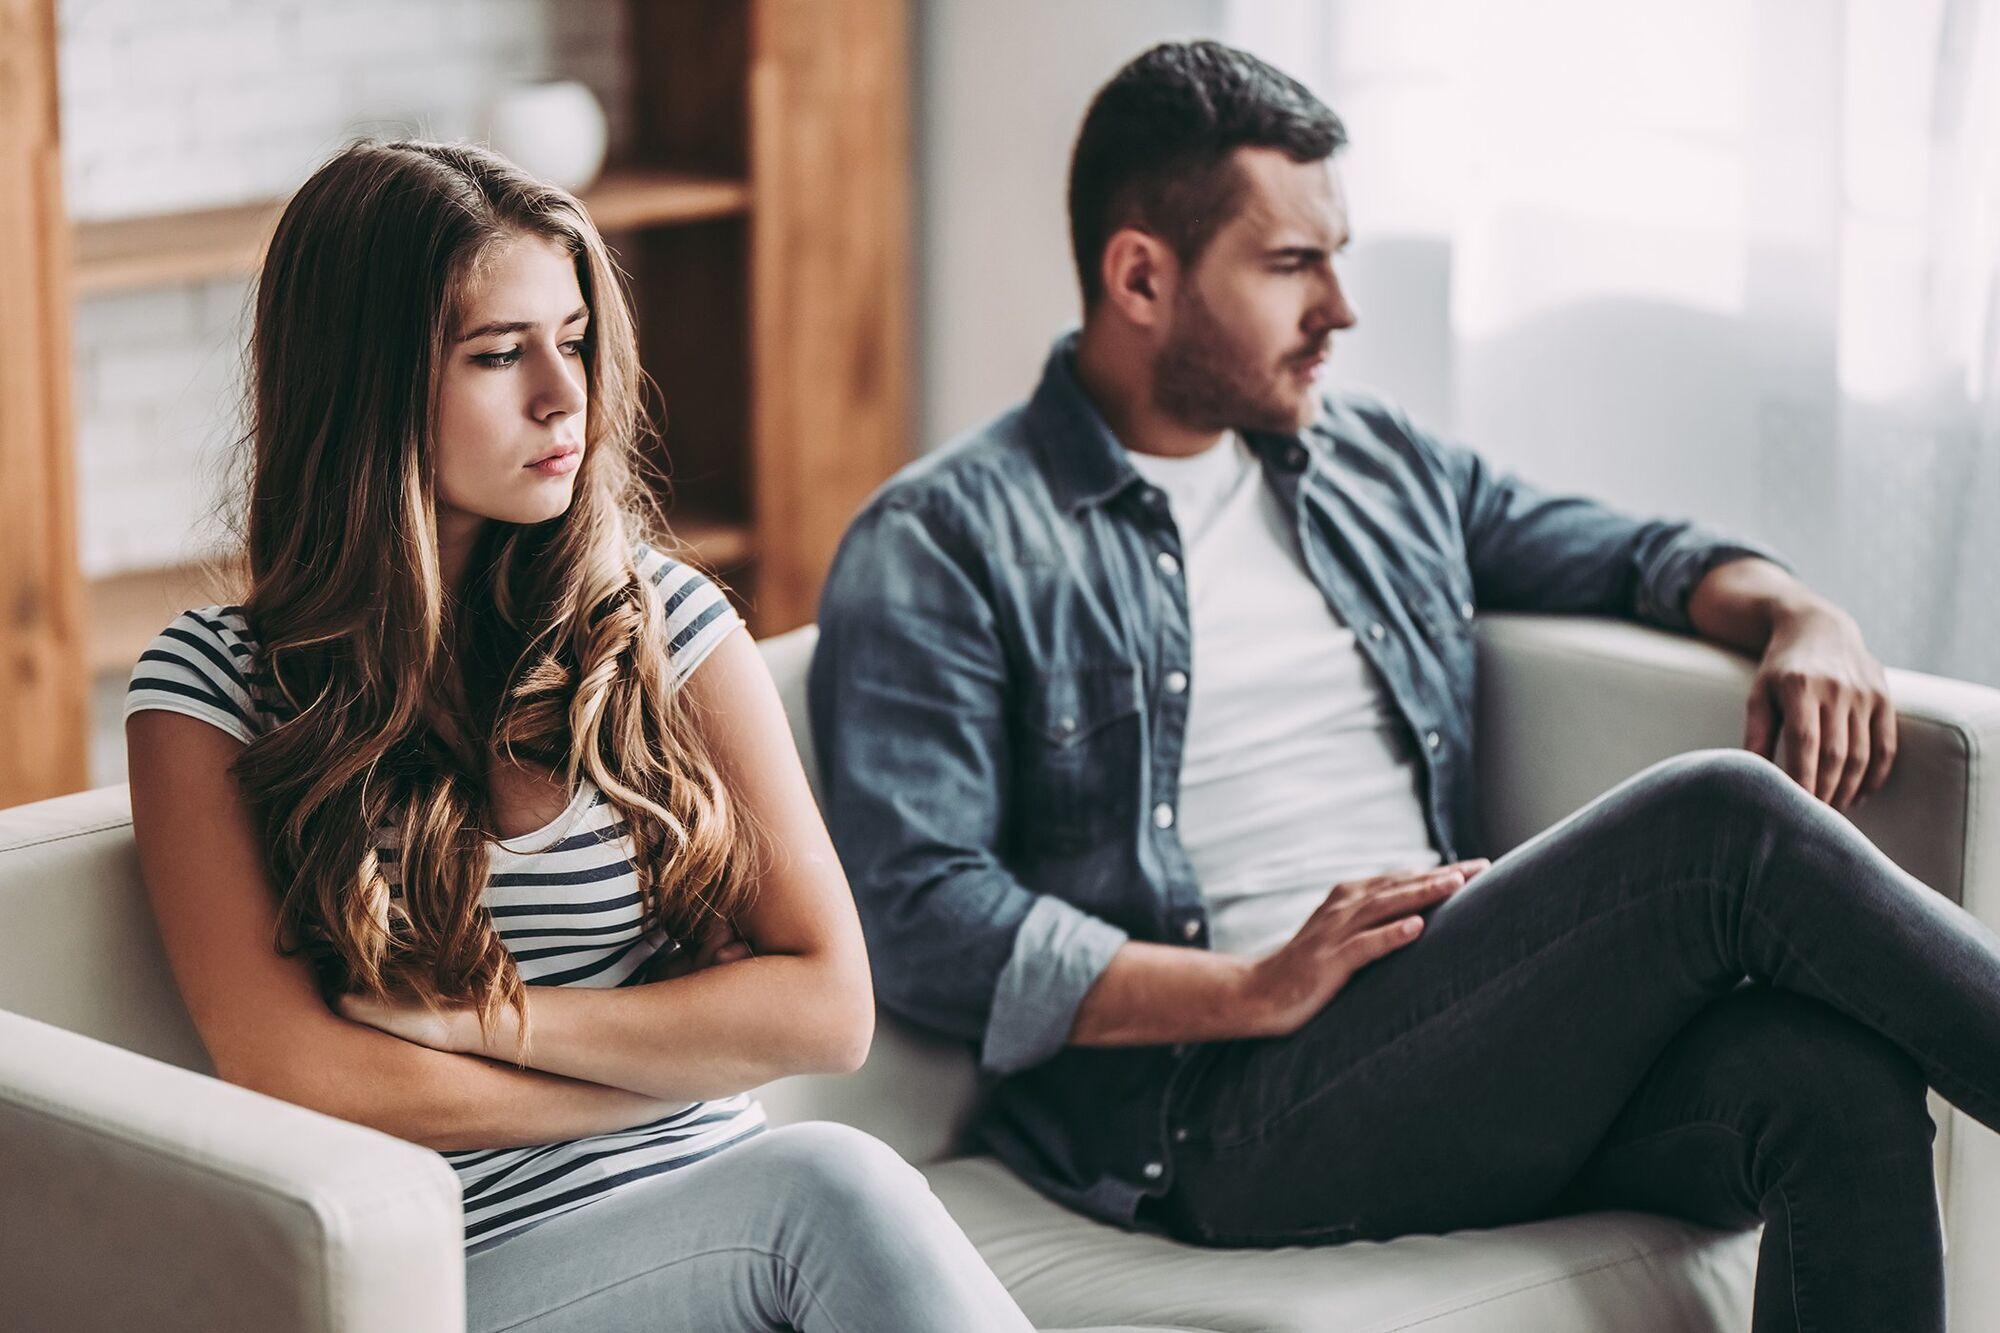 Мужчины чаще всего сталкиваются с такими проблемами: кризис среднего возраста, психогенная импотенция, порнозависимость